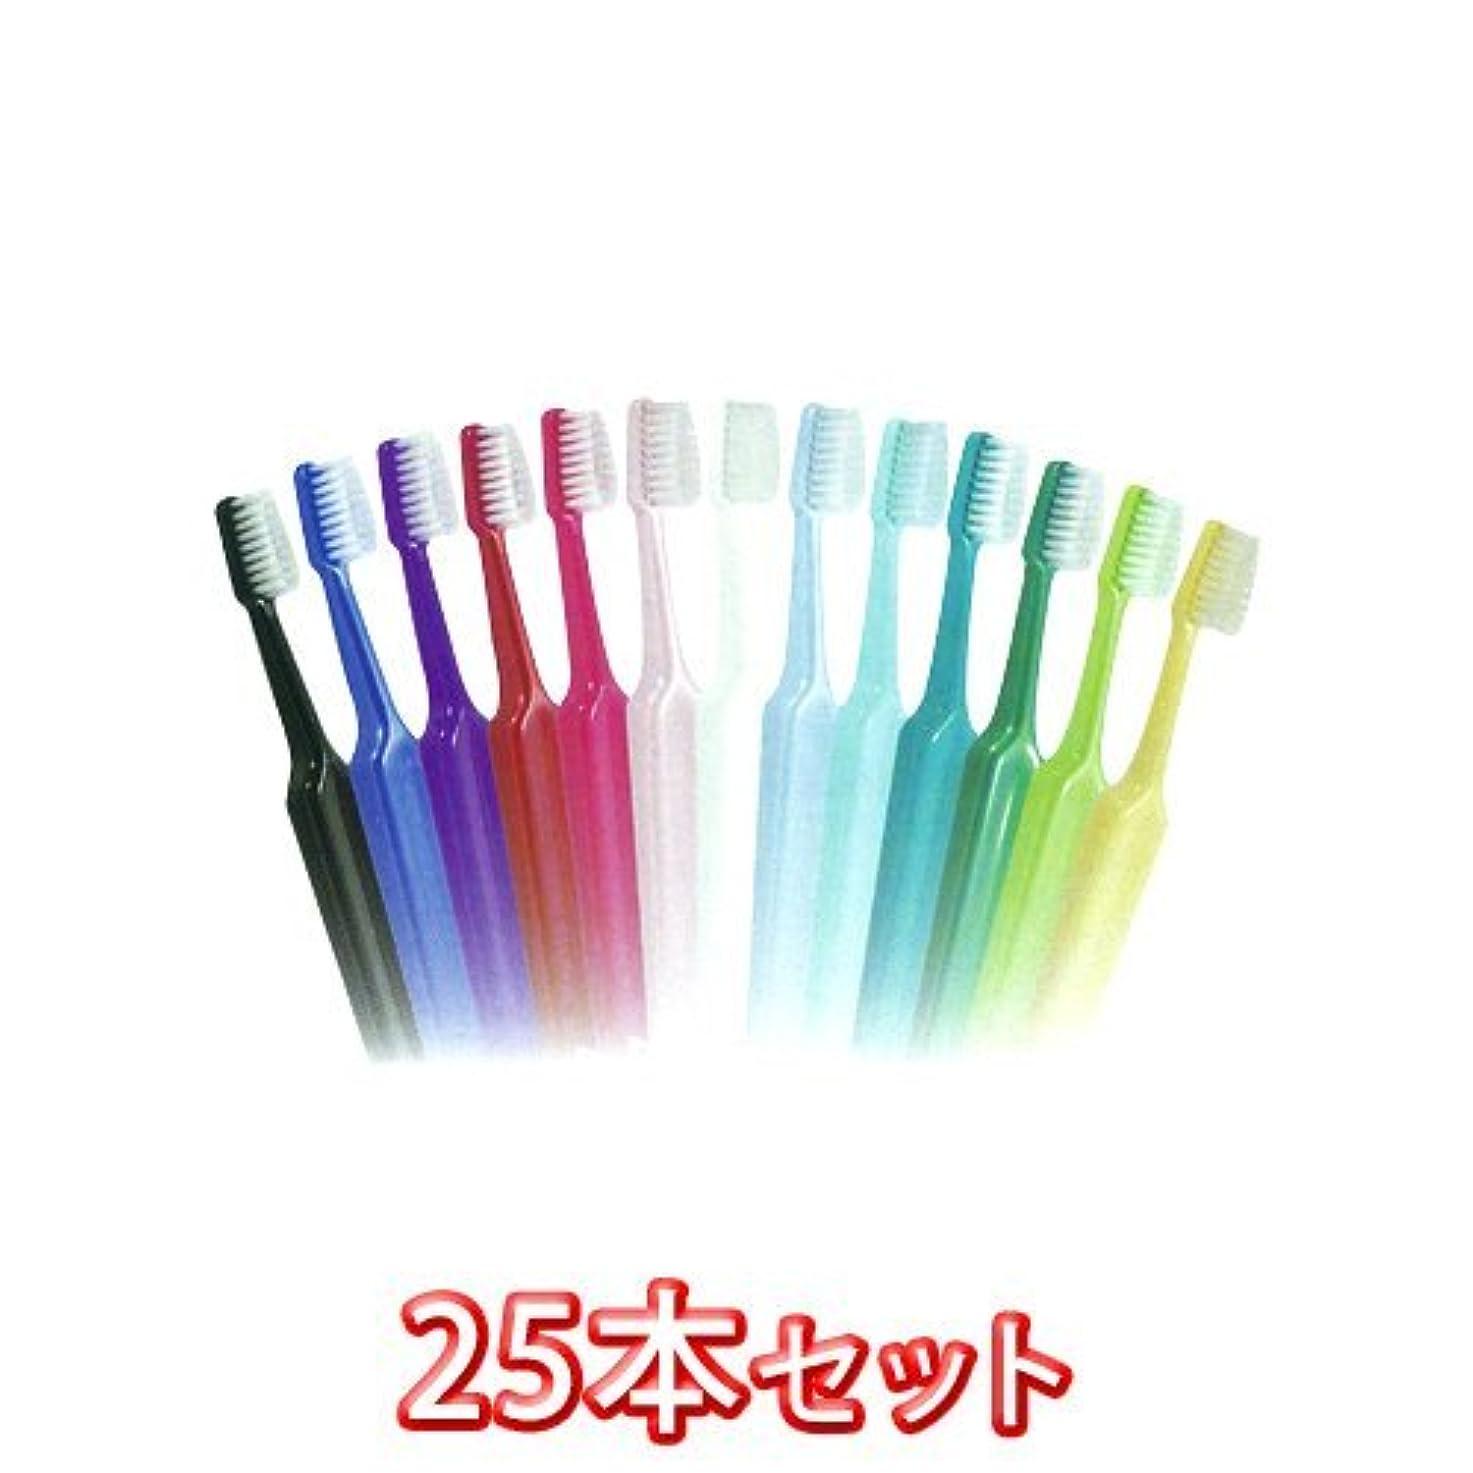 しょっぱい不一致ランドリーTePe セレクトソフト 歯ブラシ 25本入